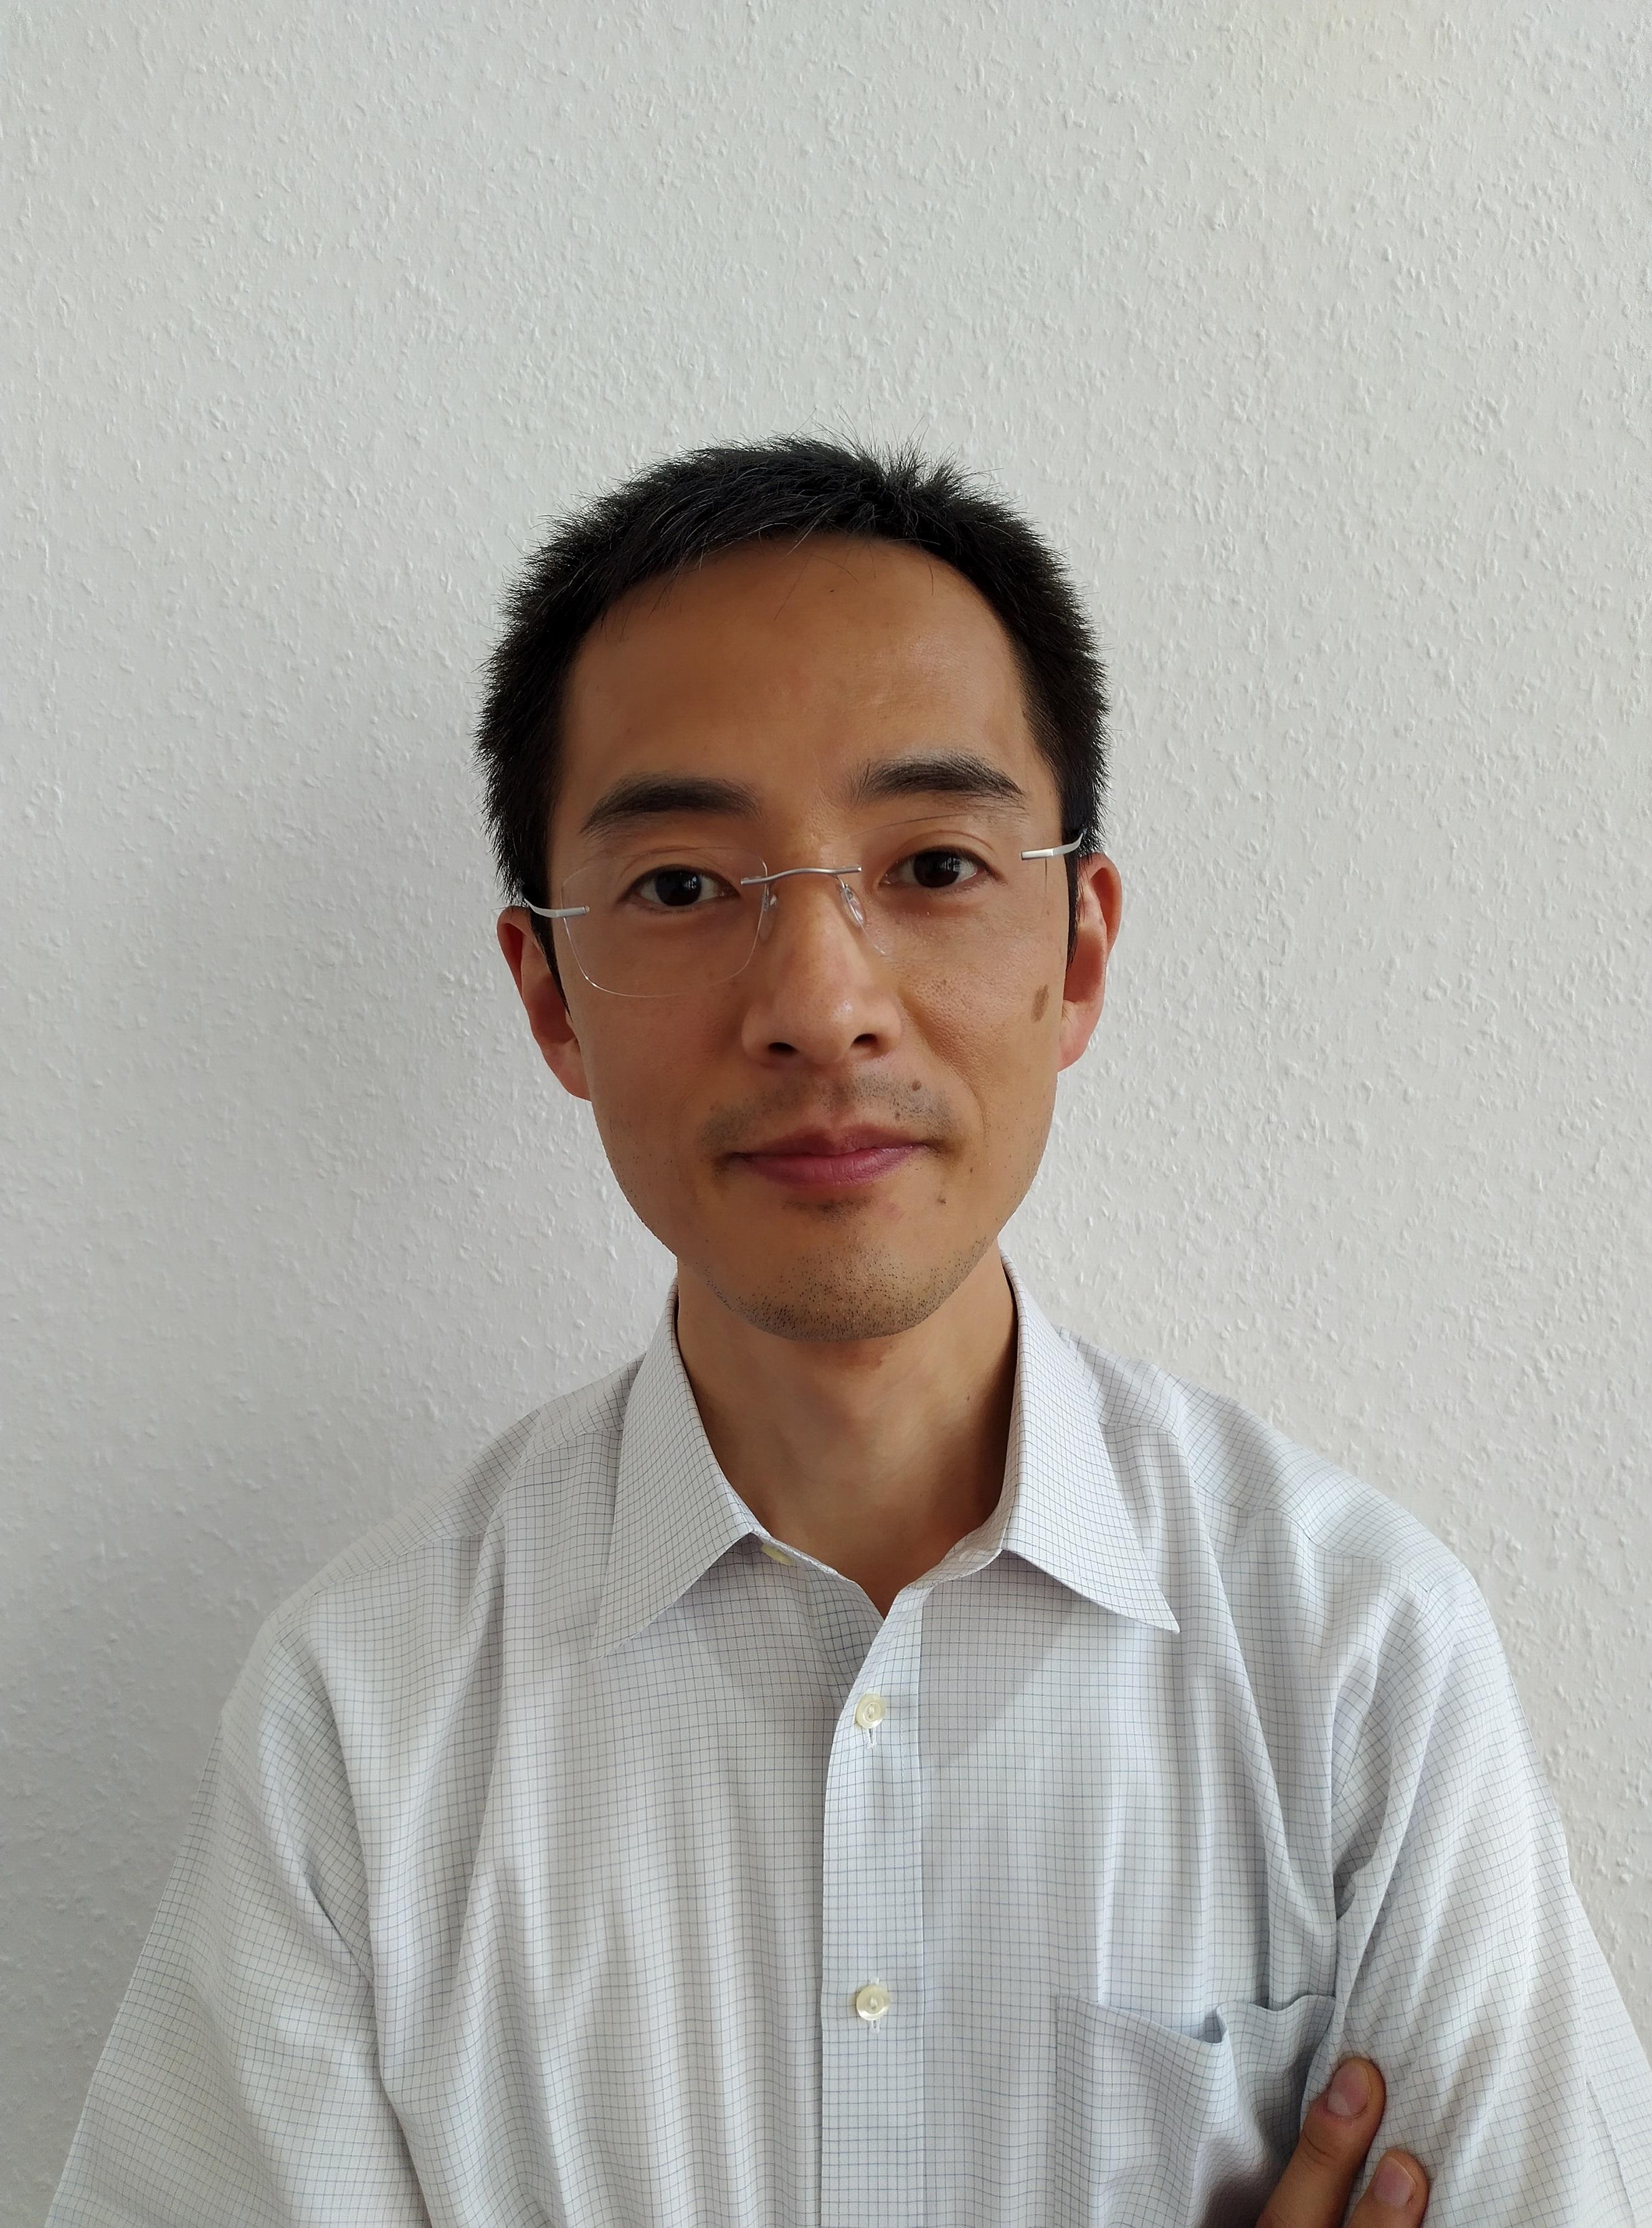 Ryo Koba